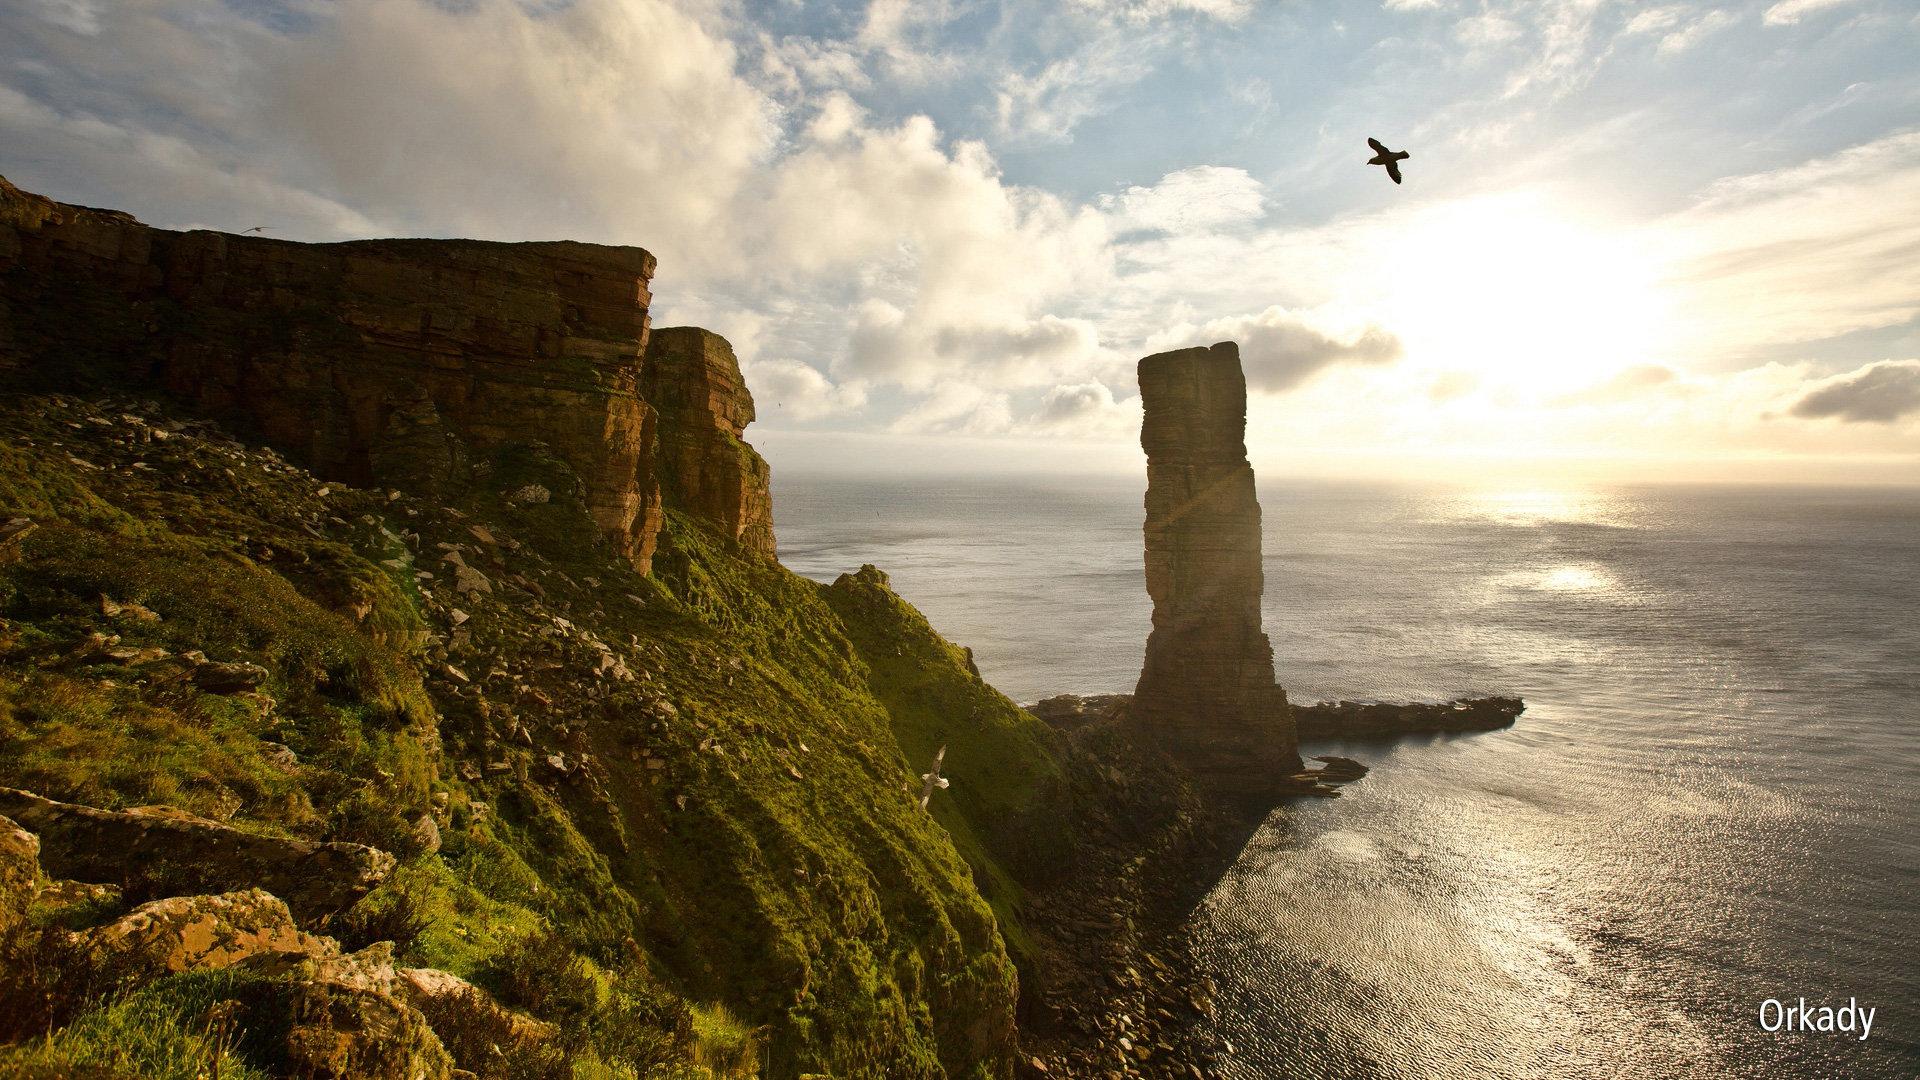 Szkocka i tajemnice Orkadów